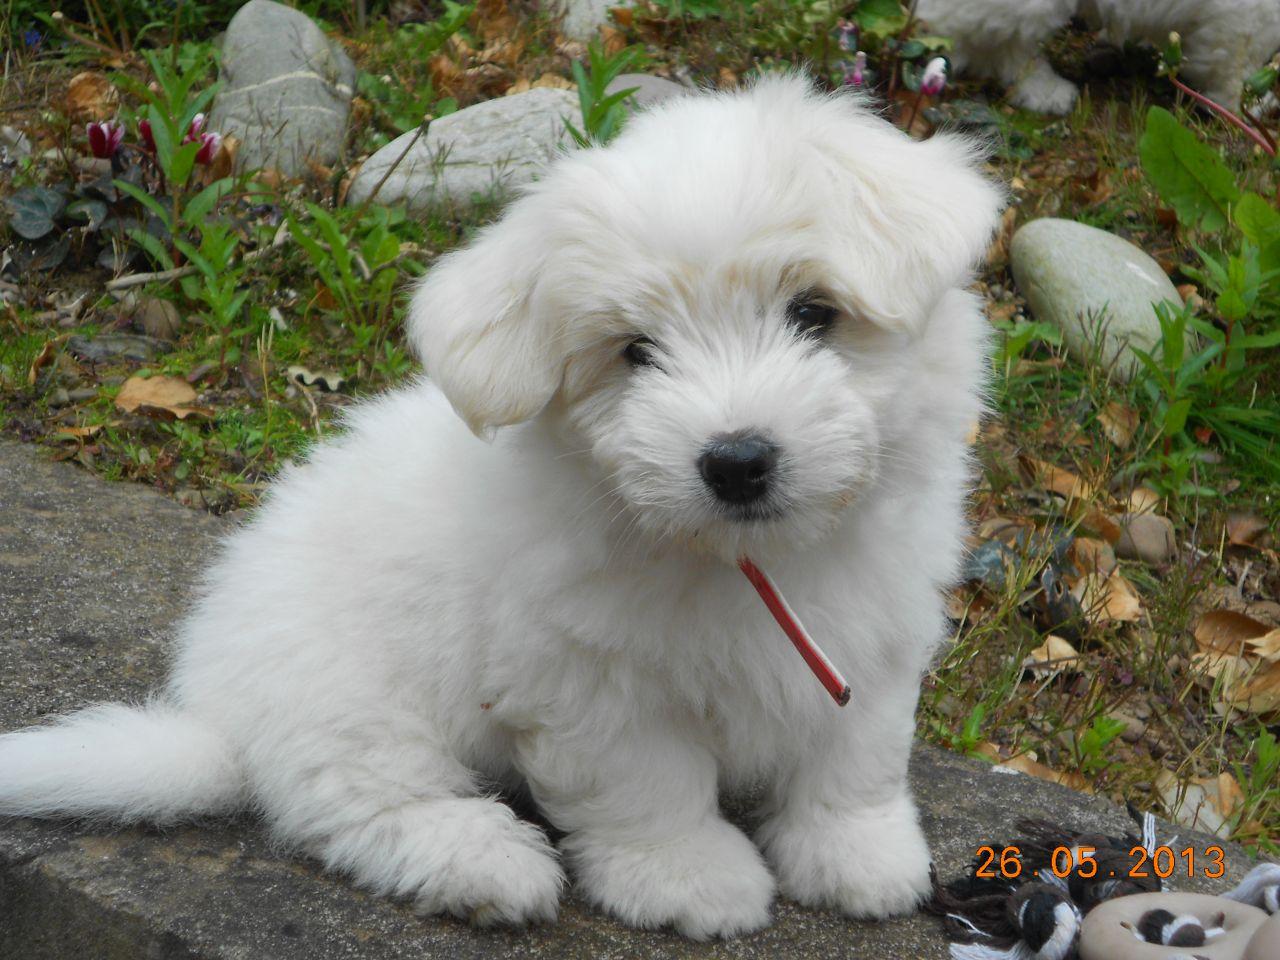 Coton de Tulear Puppies: Coton Coton De Tulear Puppies For Sale Swansea Breed